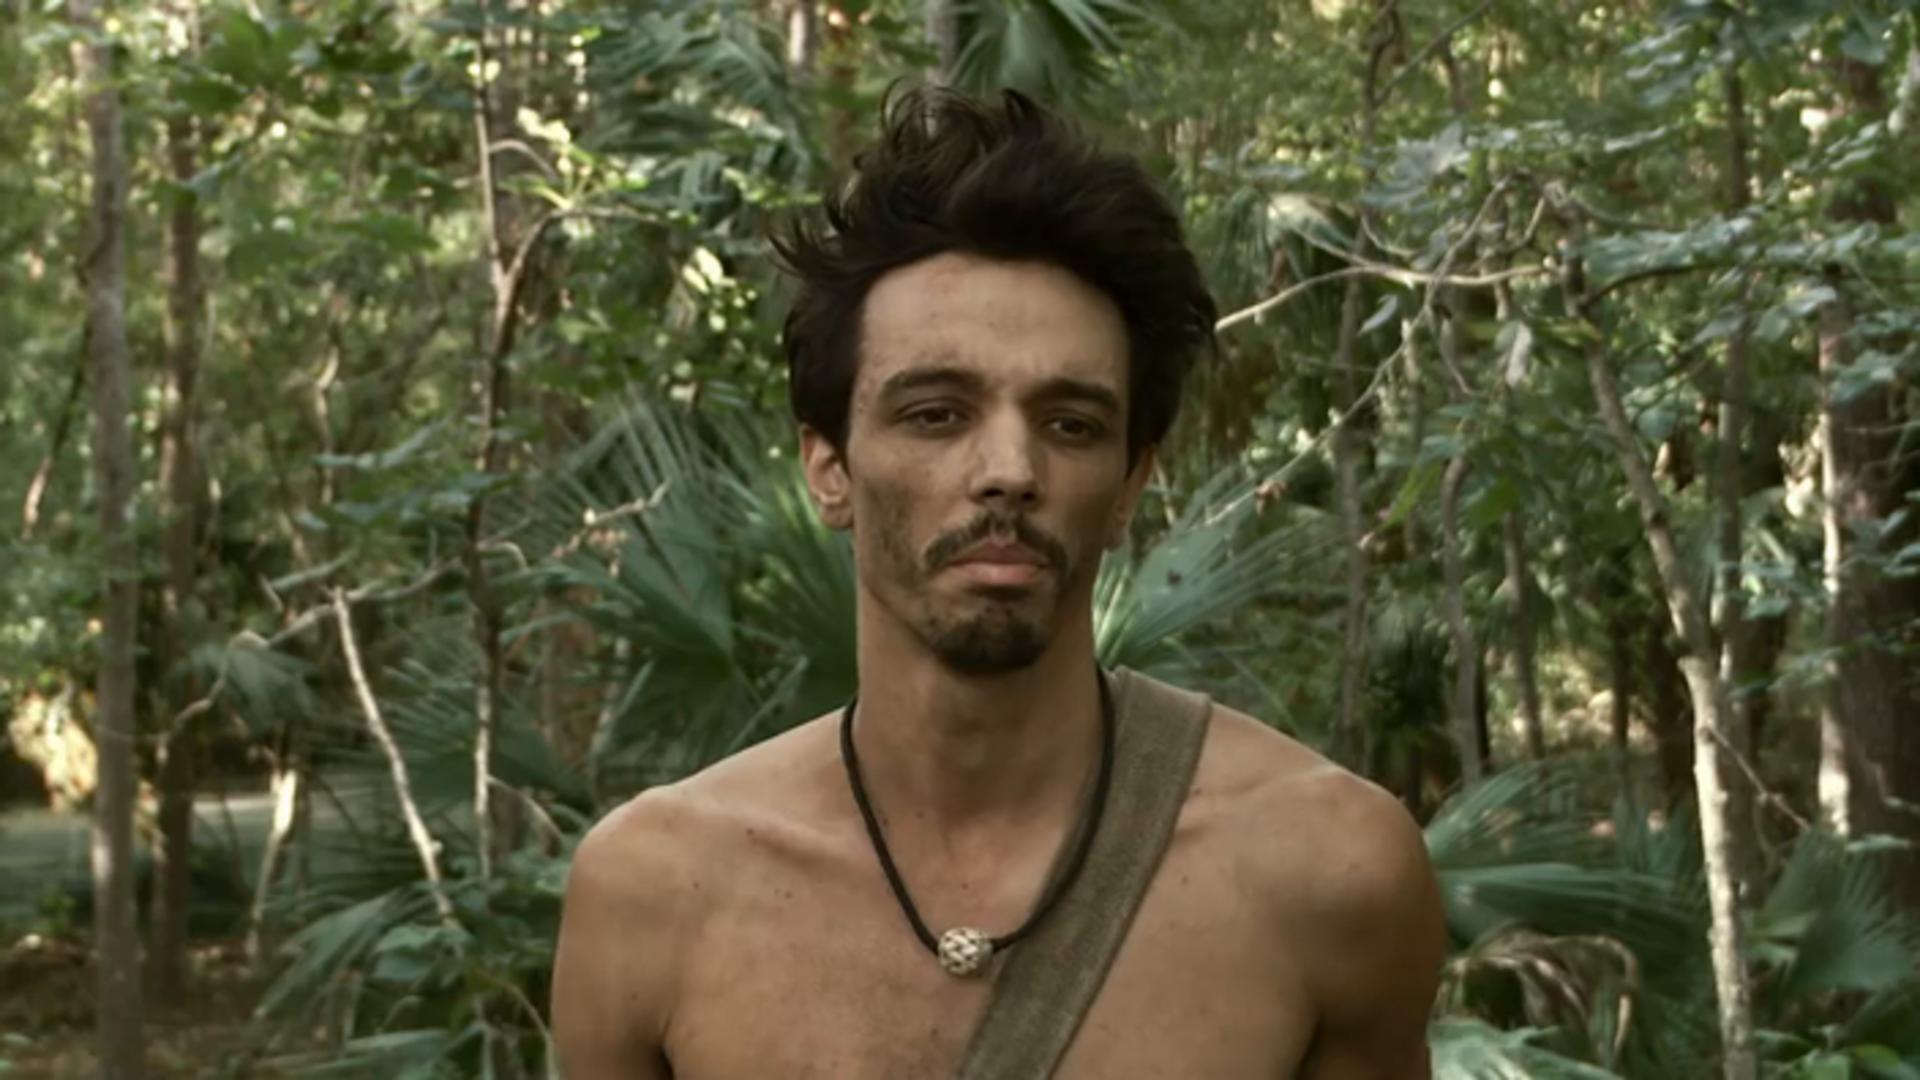 Naked and Afraid Season 8 Episode 5